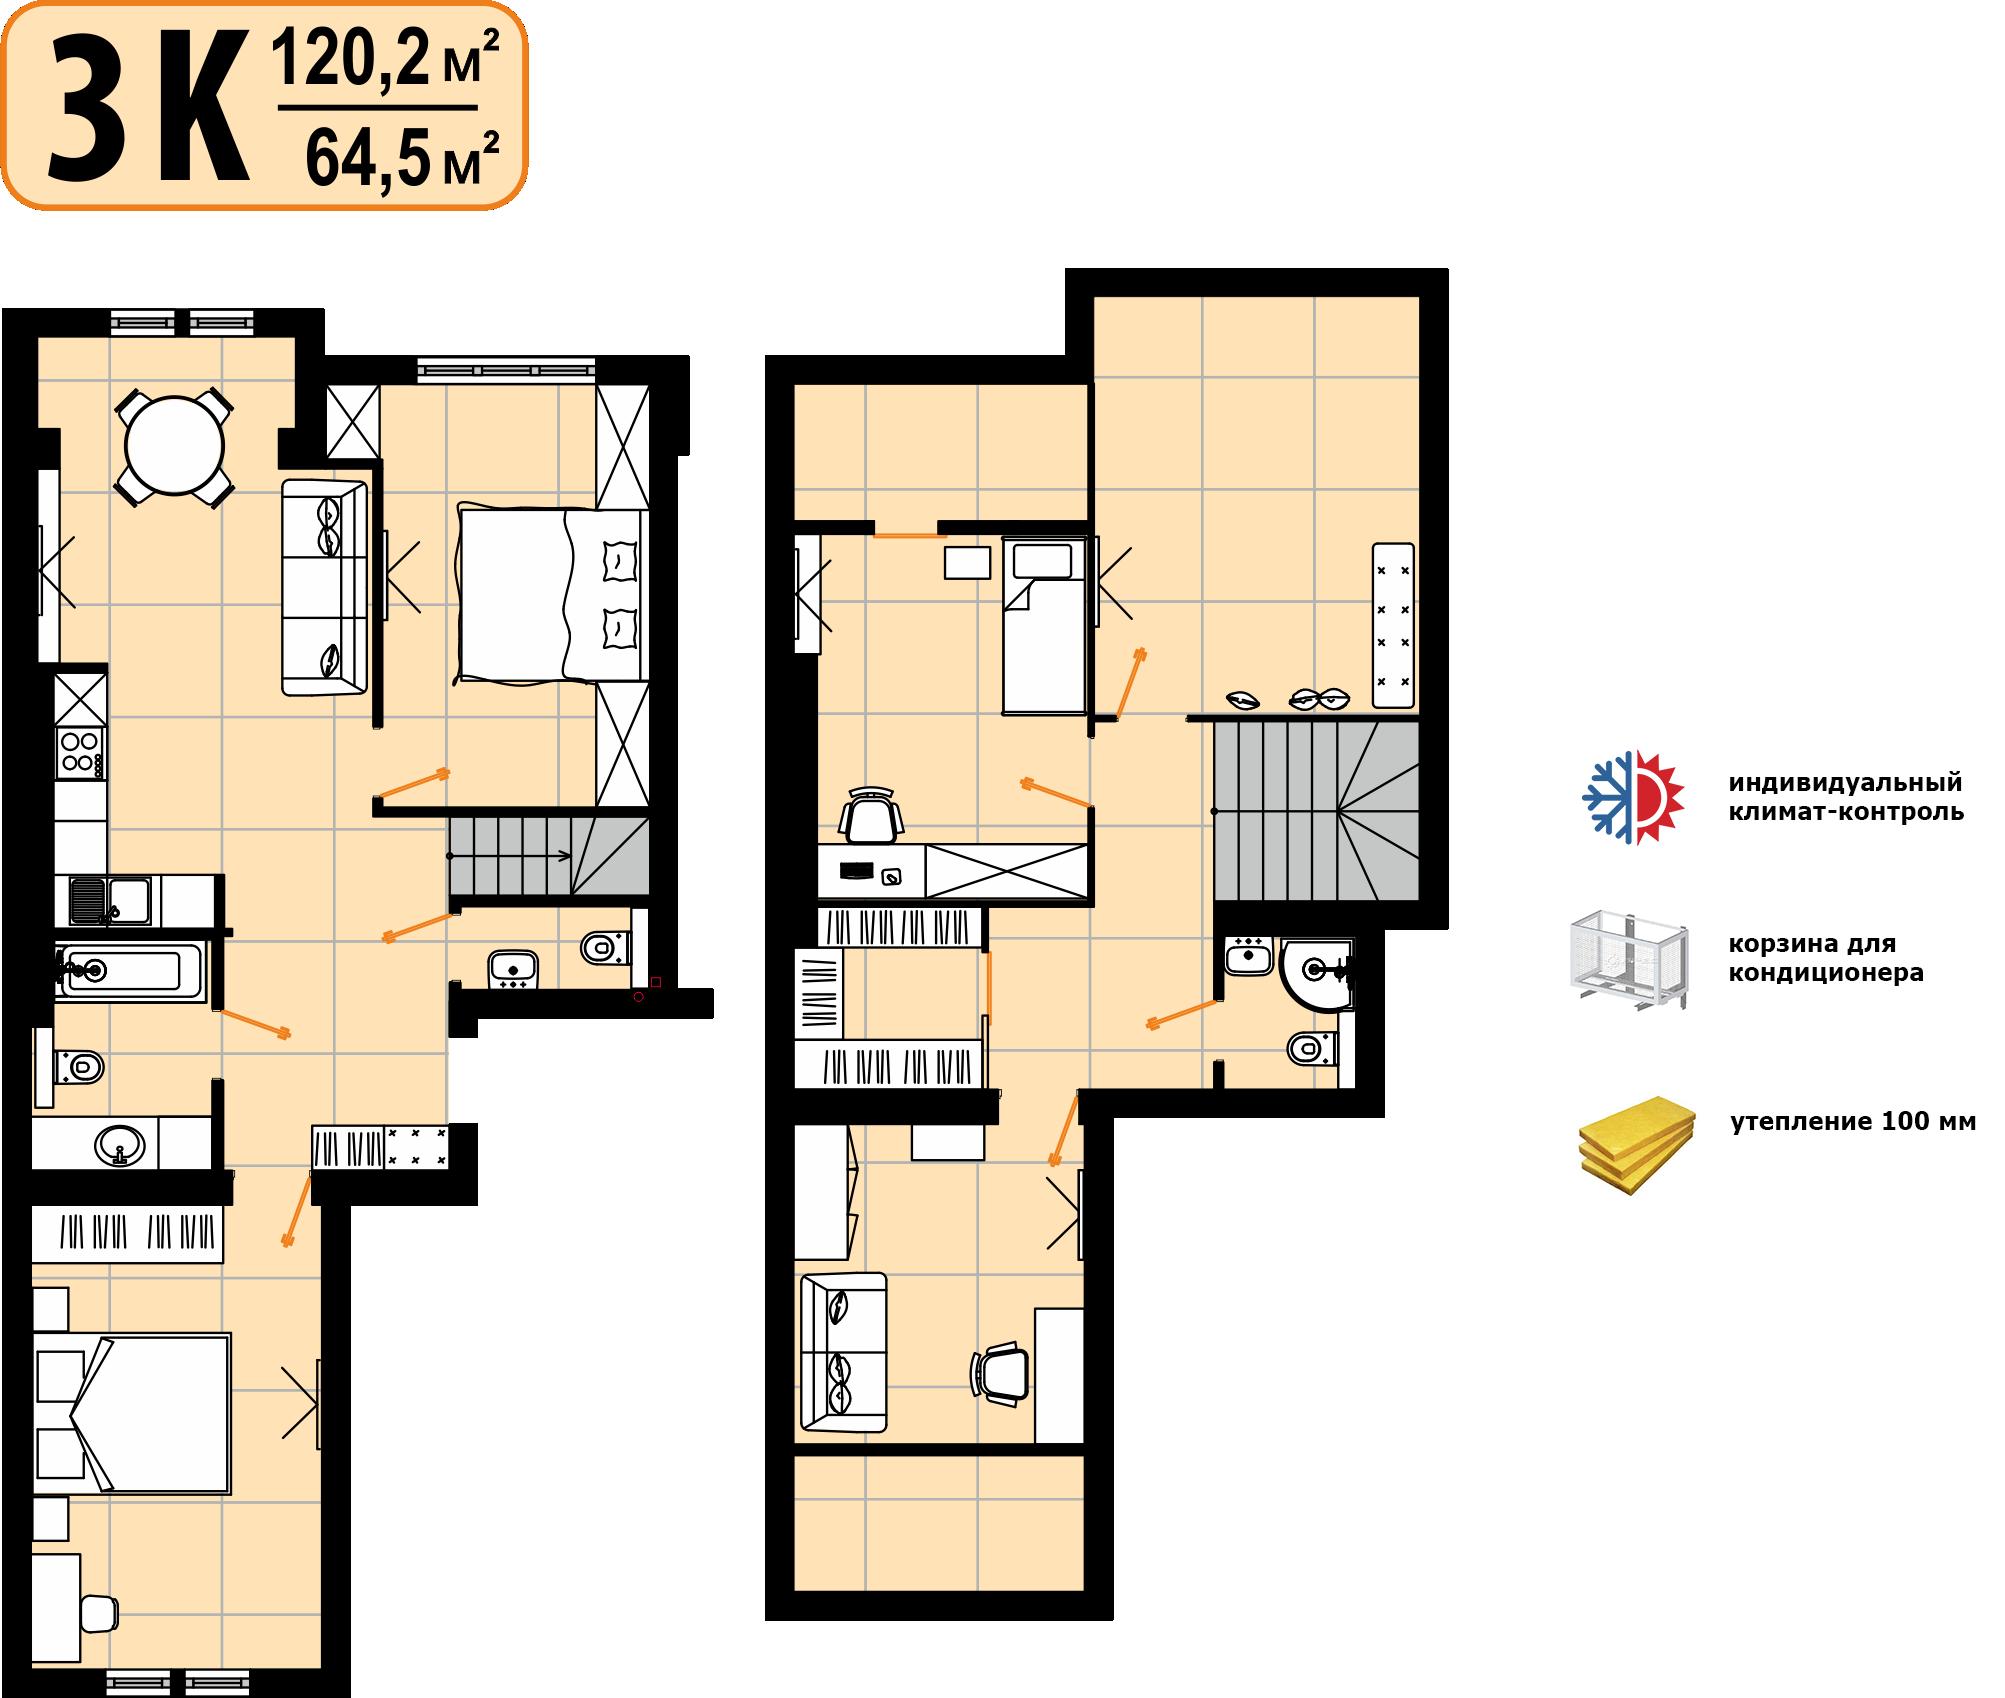 Дворівнева квартира 120,2м²